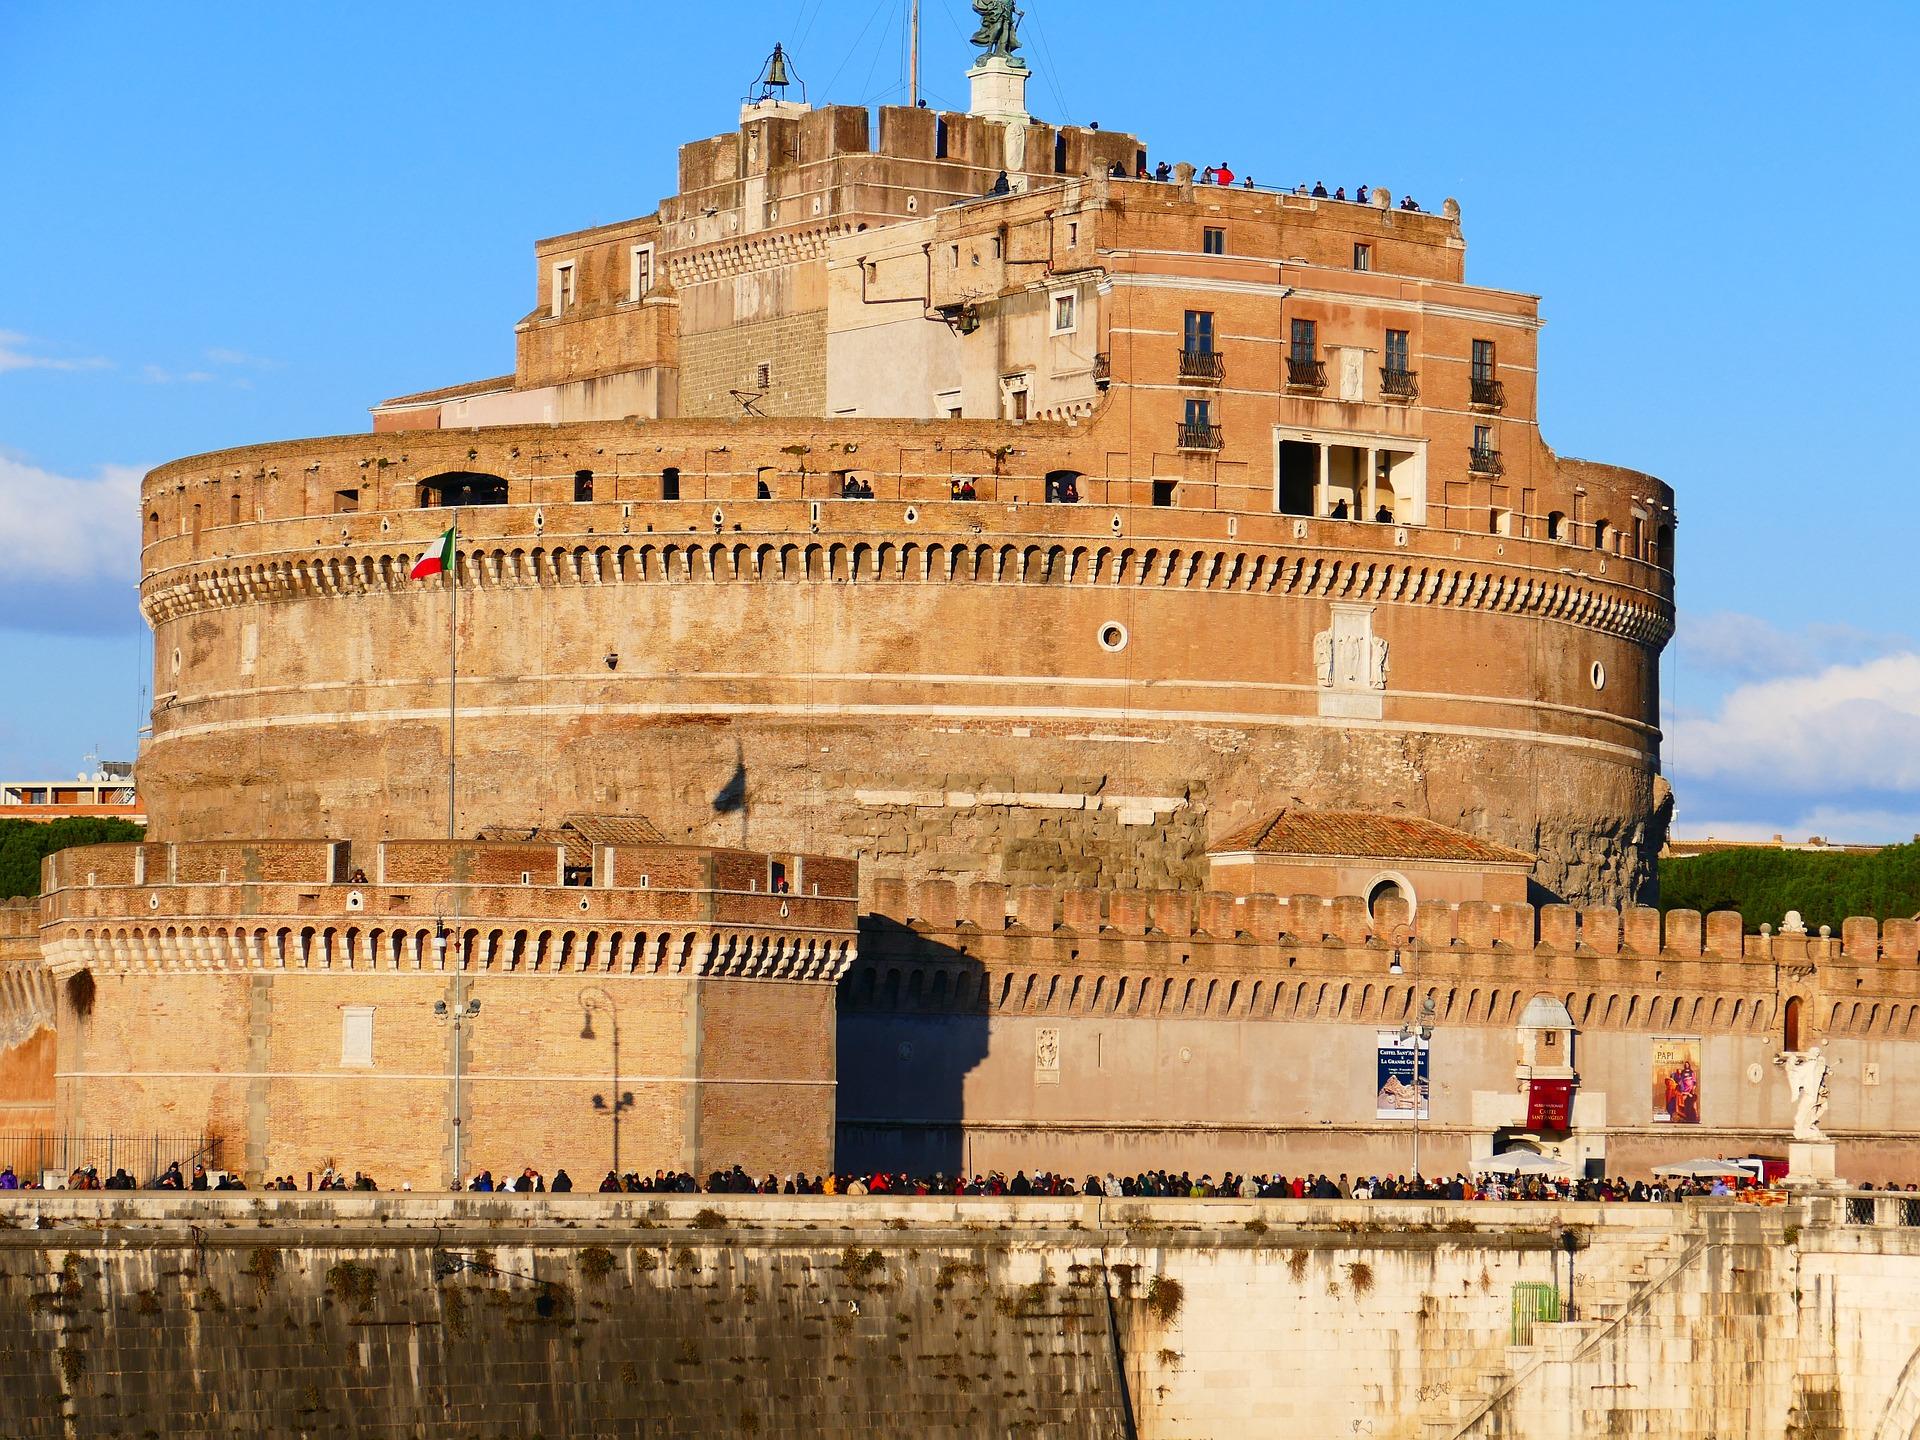 castel-santangelo-601801_1920